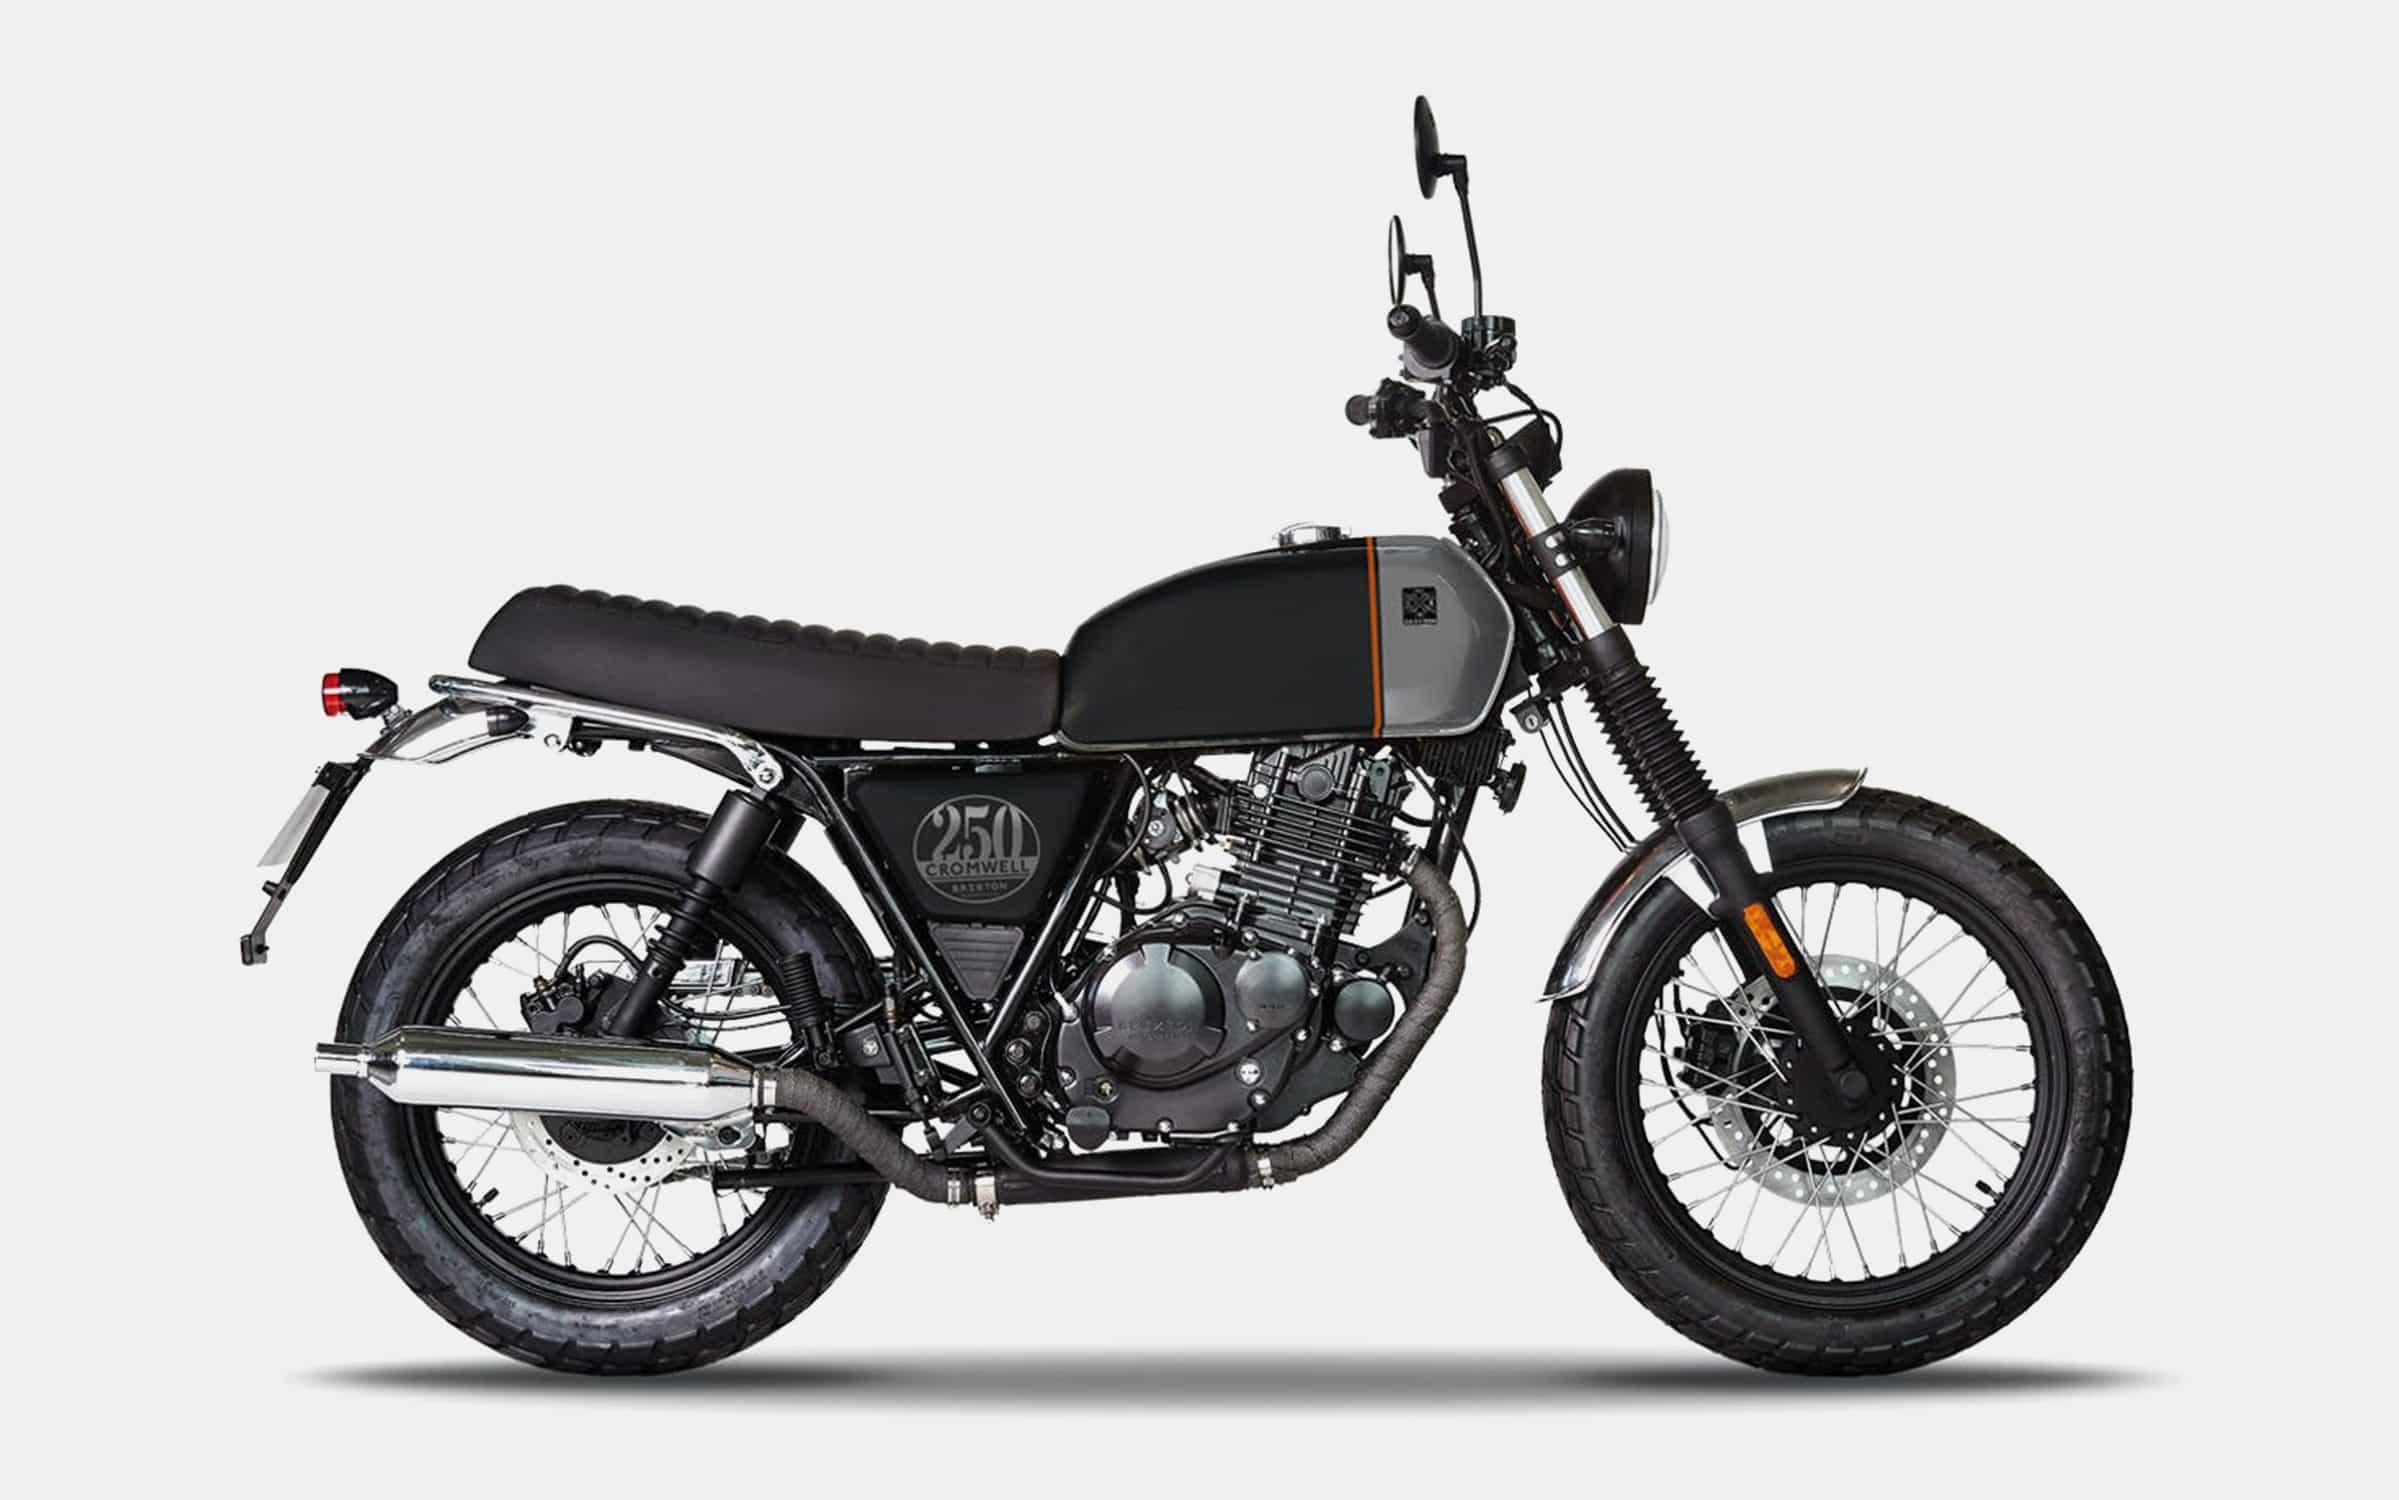 Brixton Cromwell 250 Motorcycle